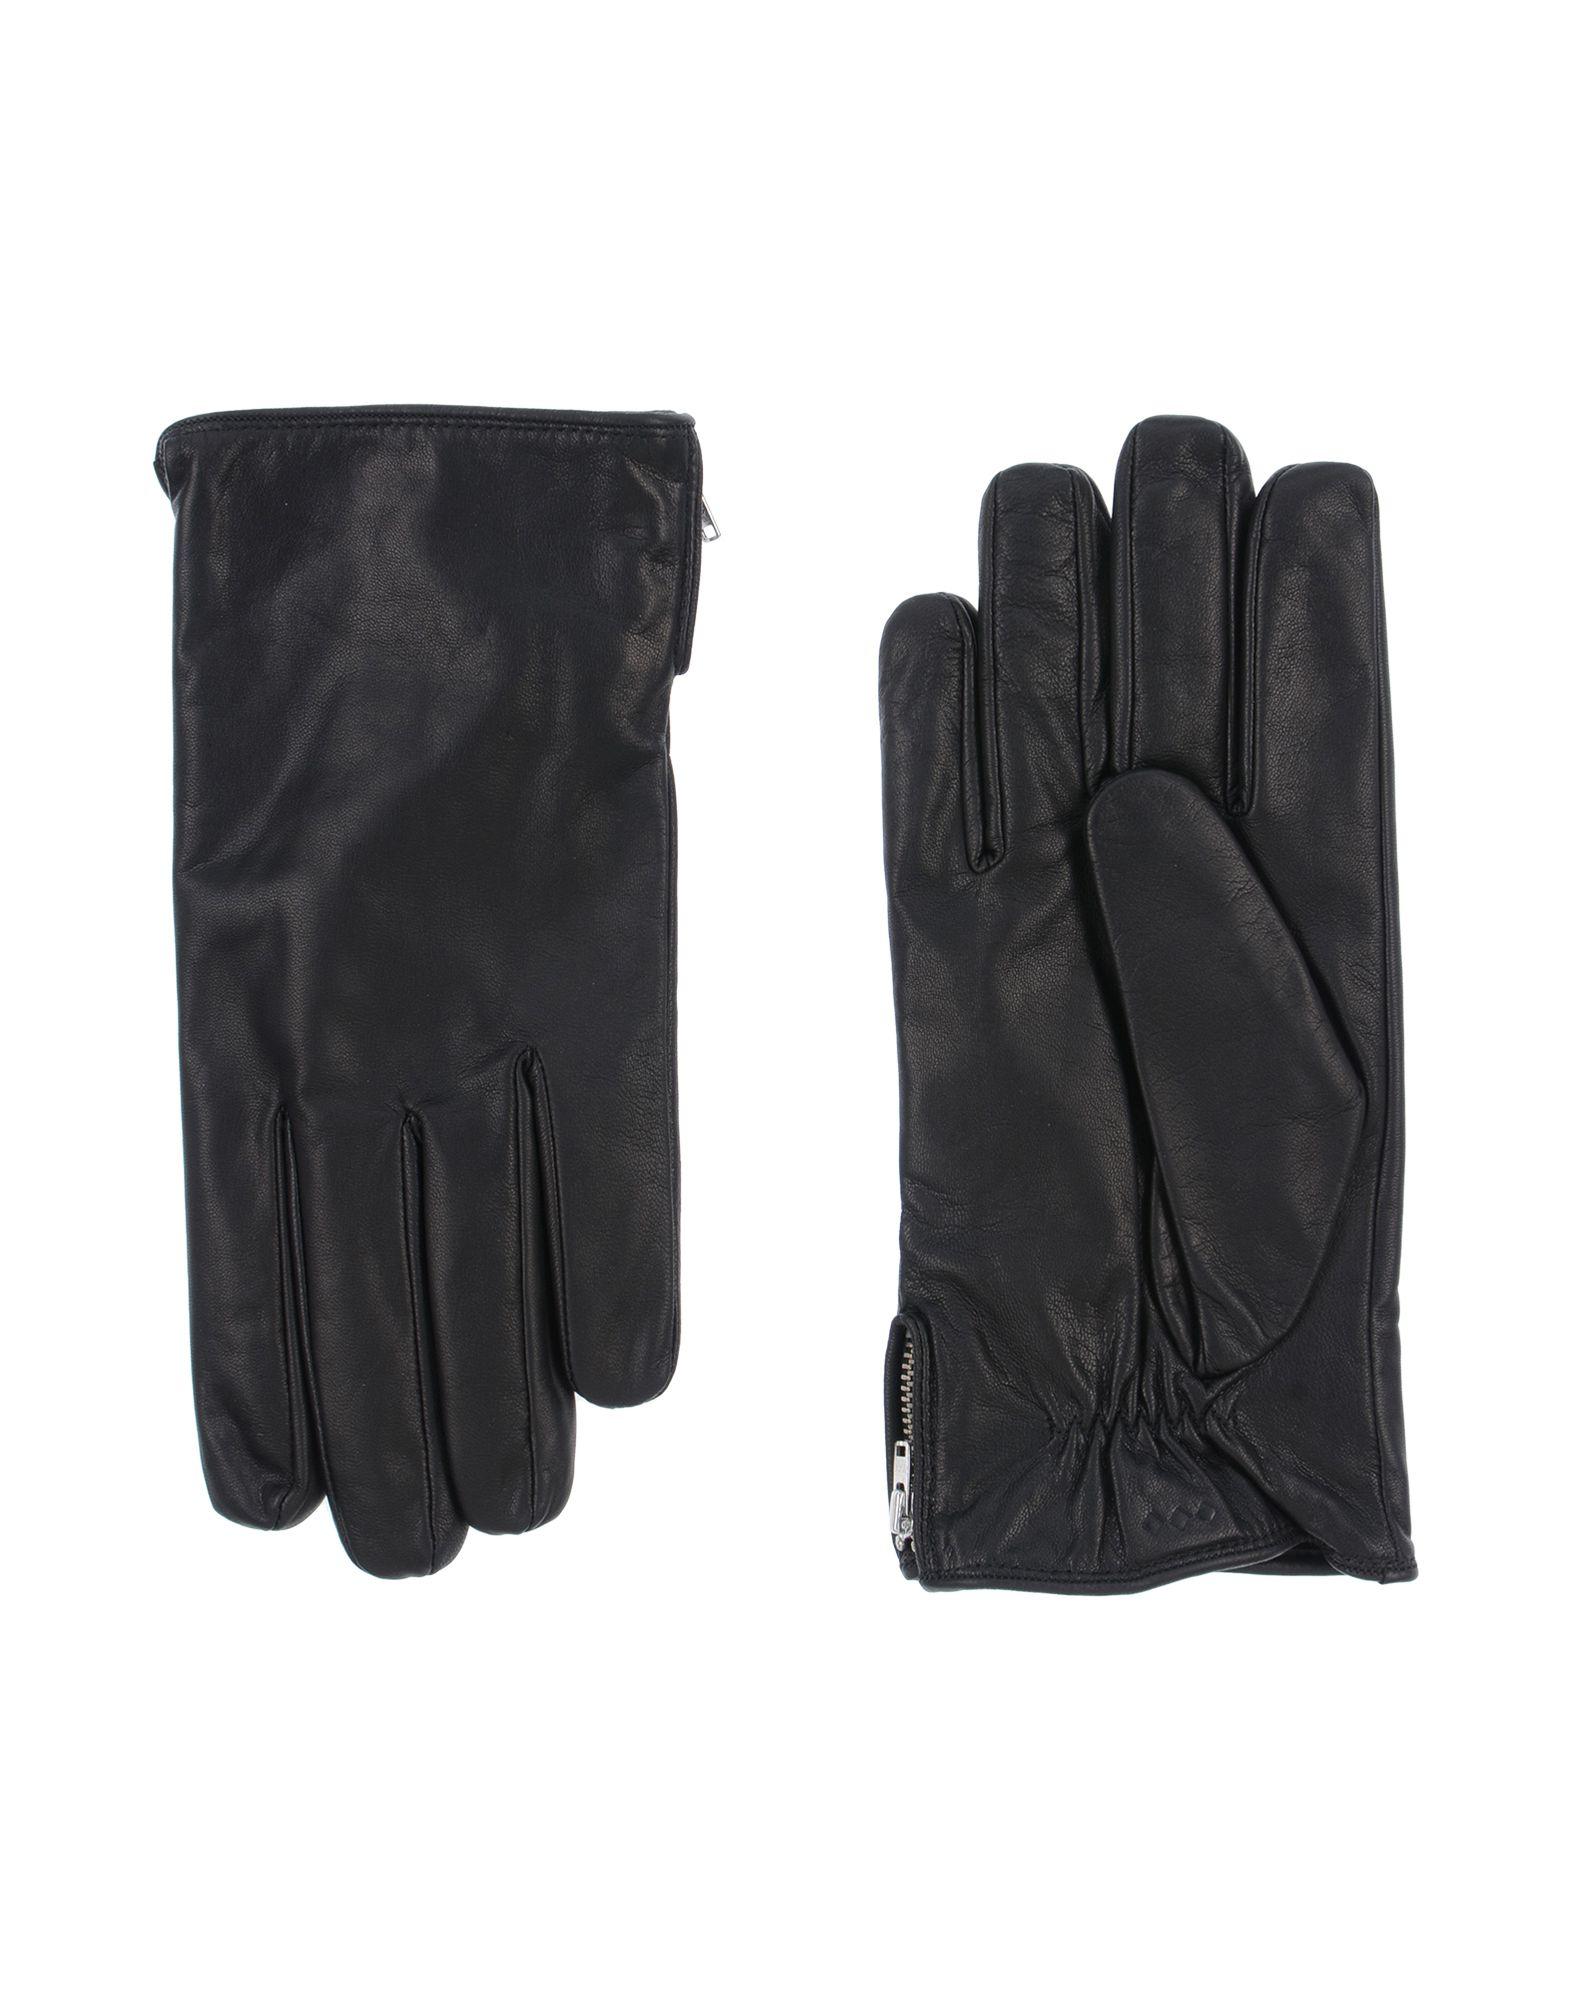 《送料無料》ROYAL REPUBLIQ メンズ 手袋 ブラック 10 革